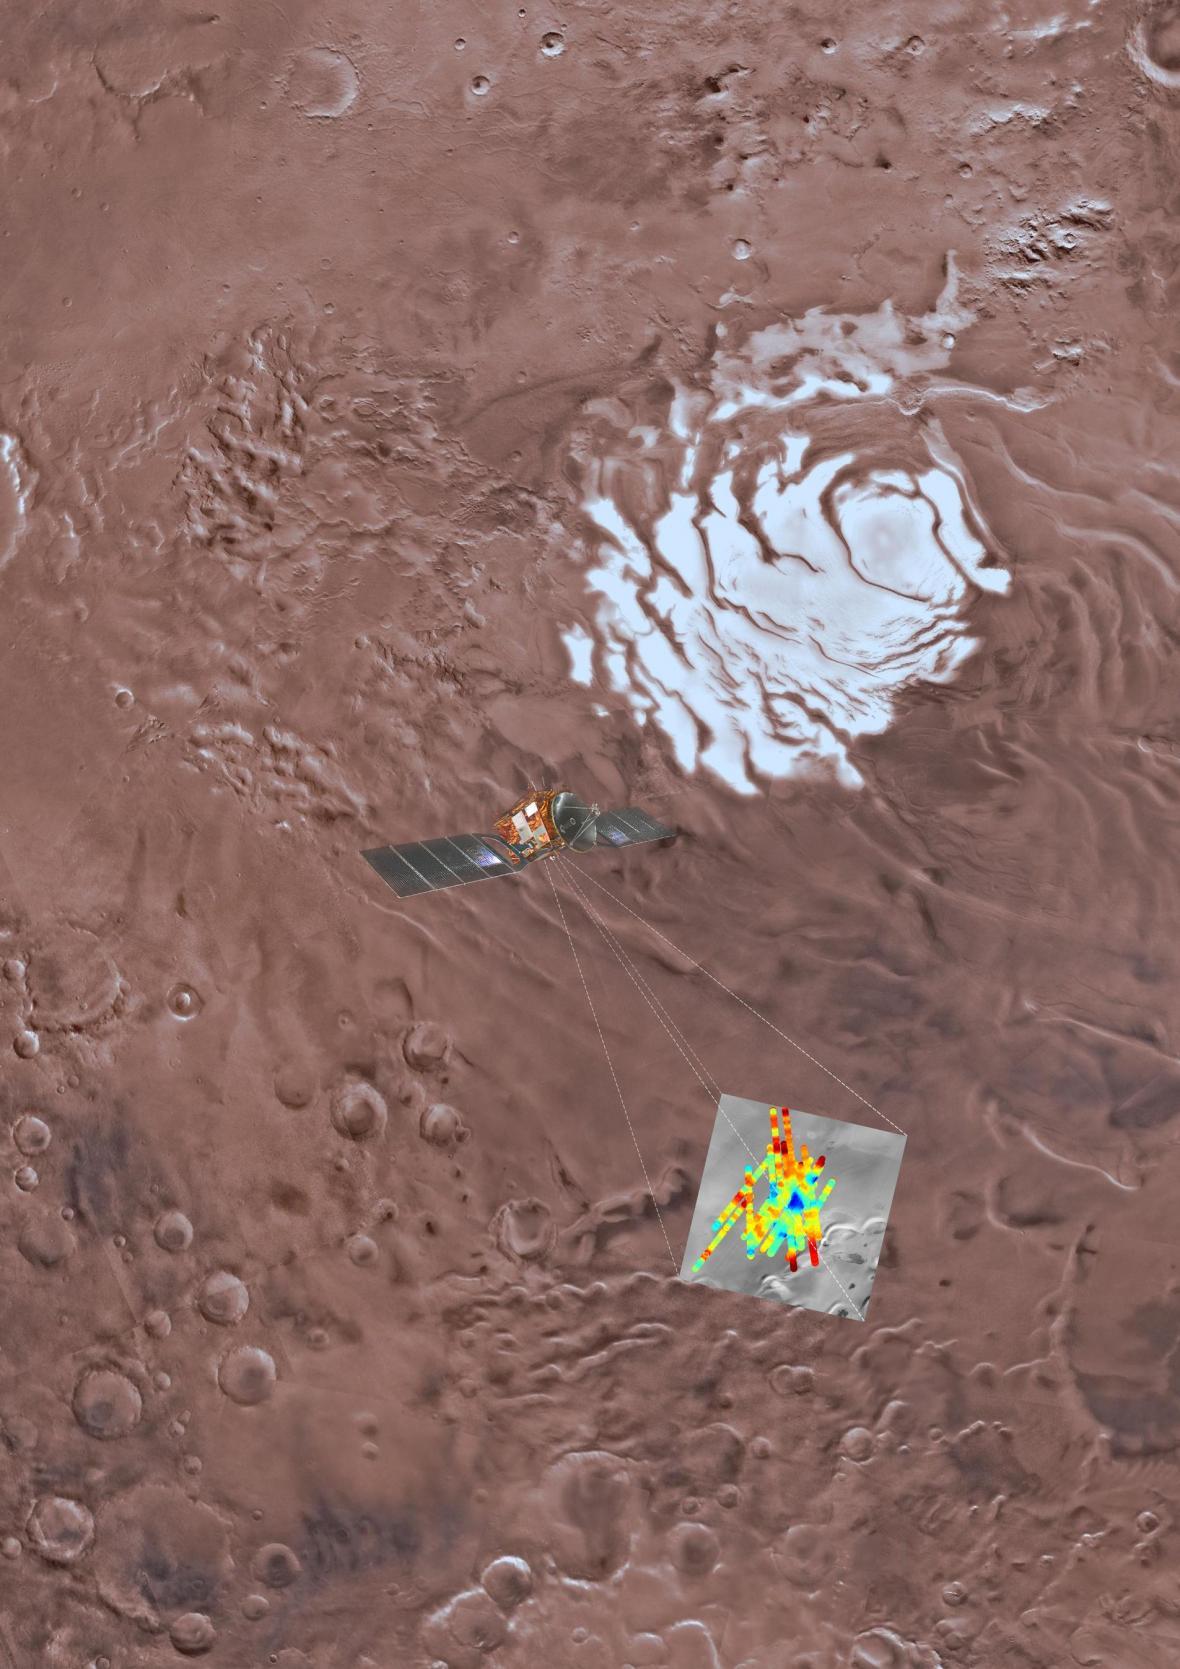 Umělecká představa o tom, jak bylo odhaleno podzemní jezero na Marsu